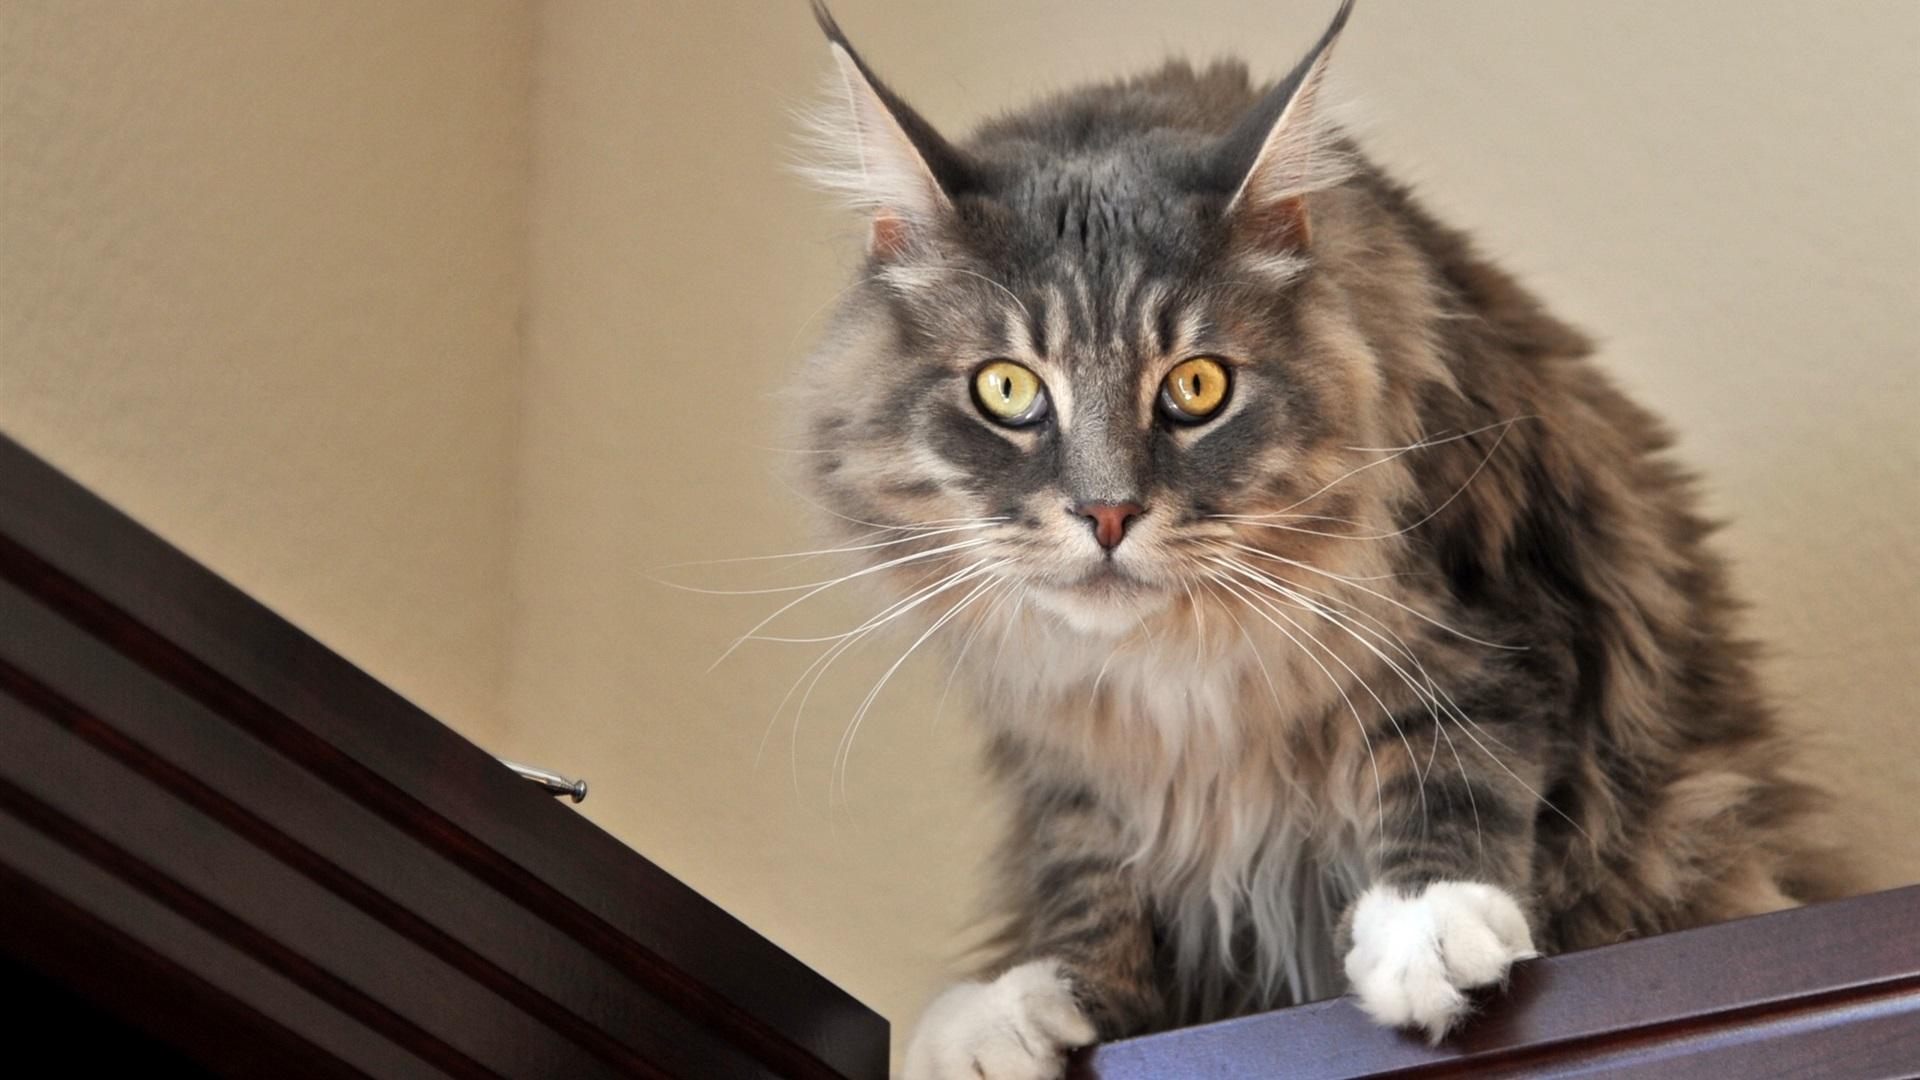 可爱的猫咪,你看,惊讶的表情 壁纸图片